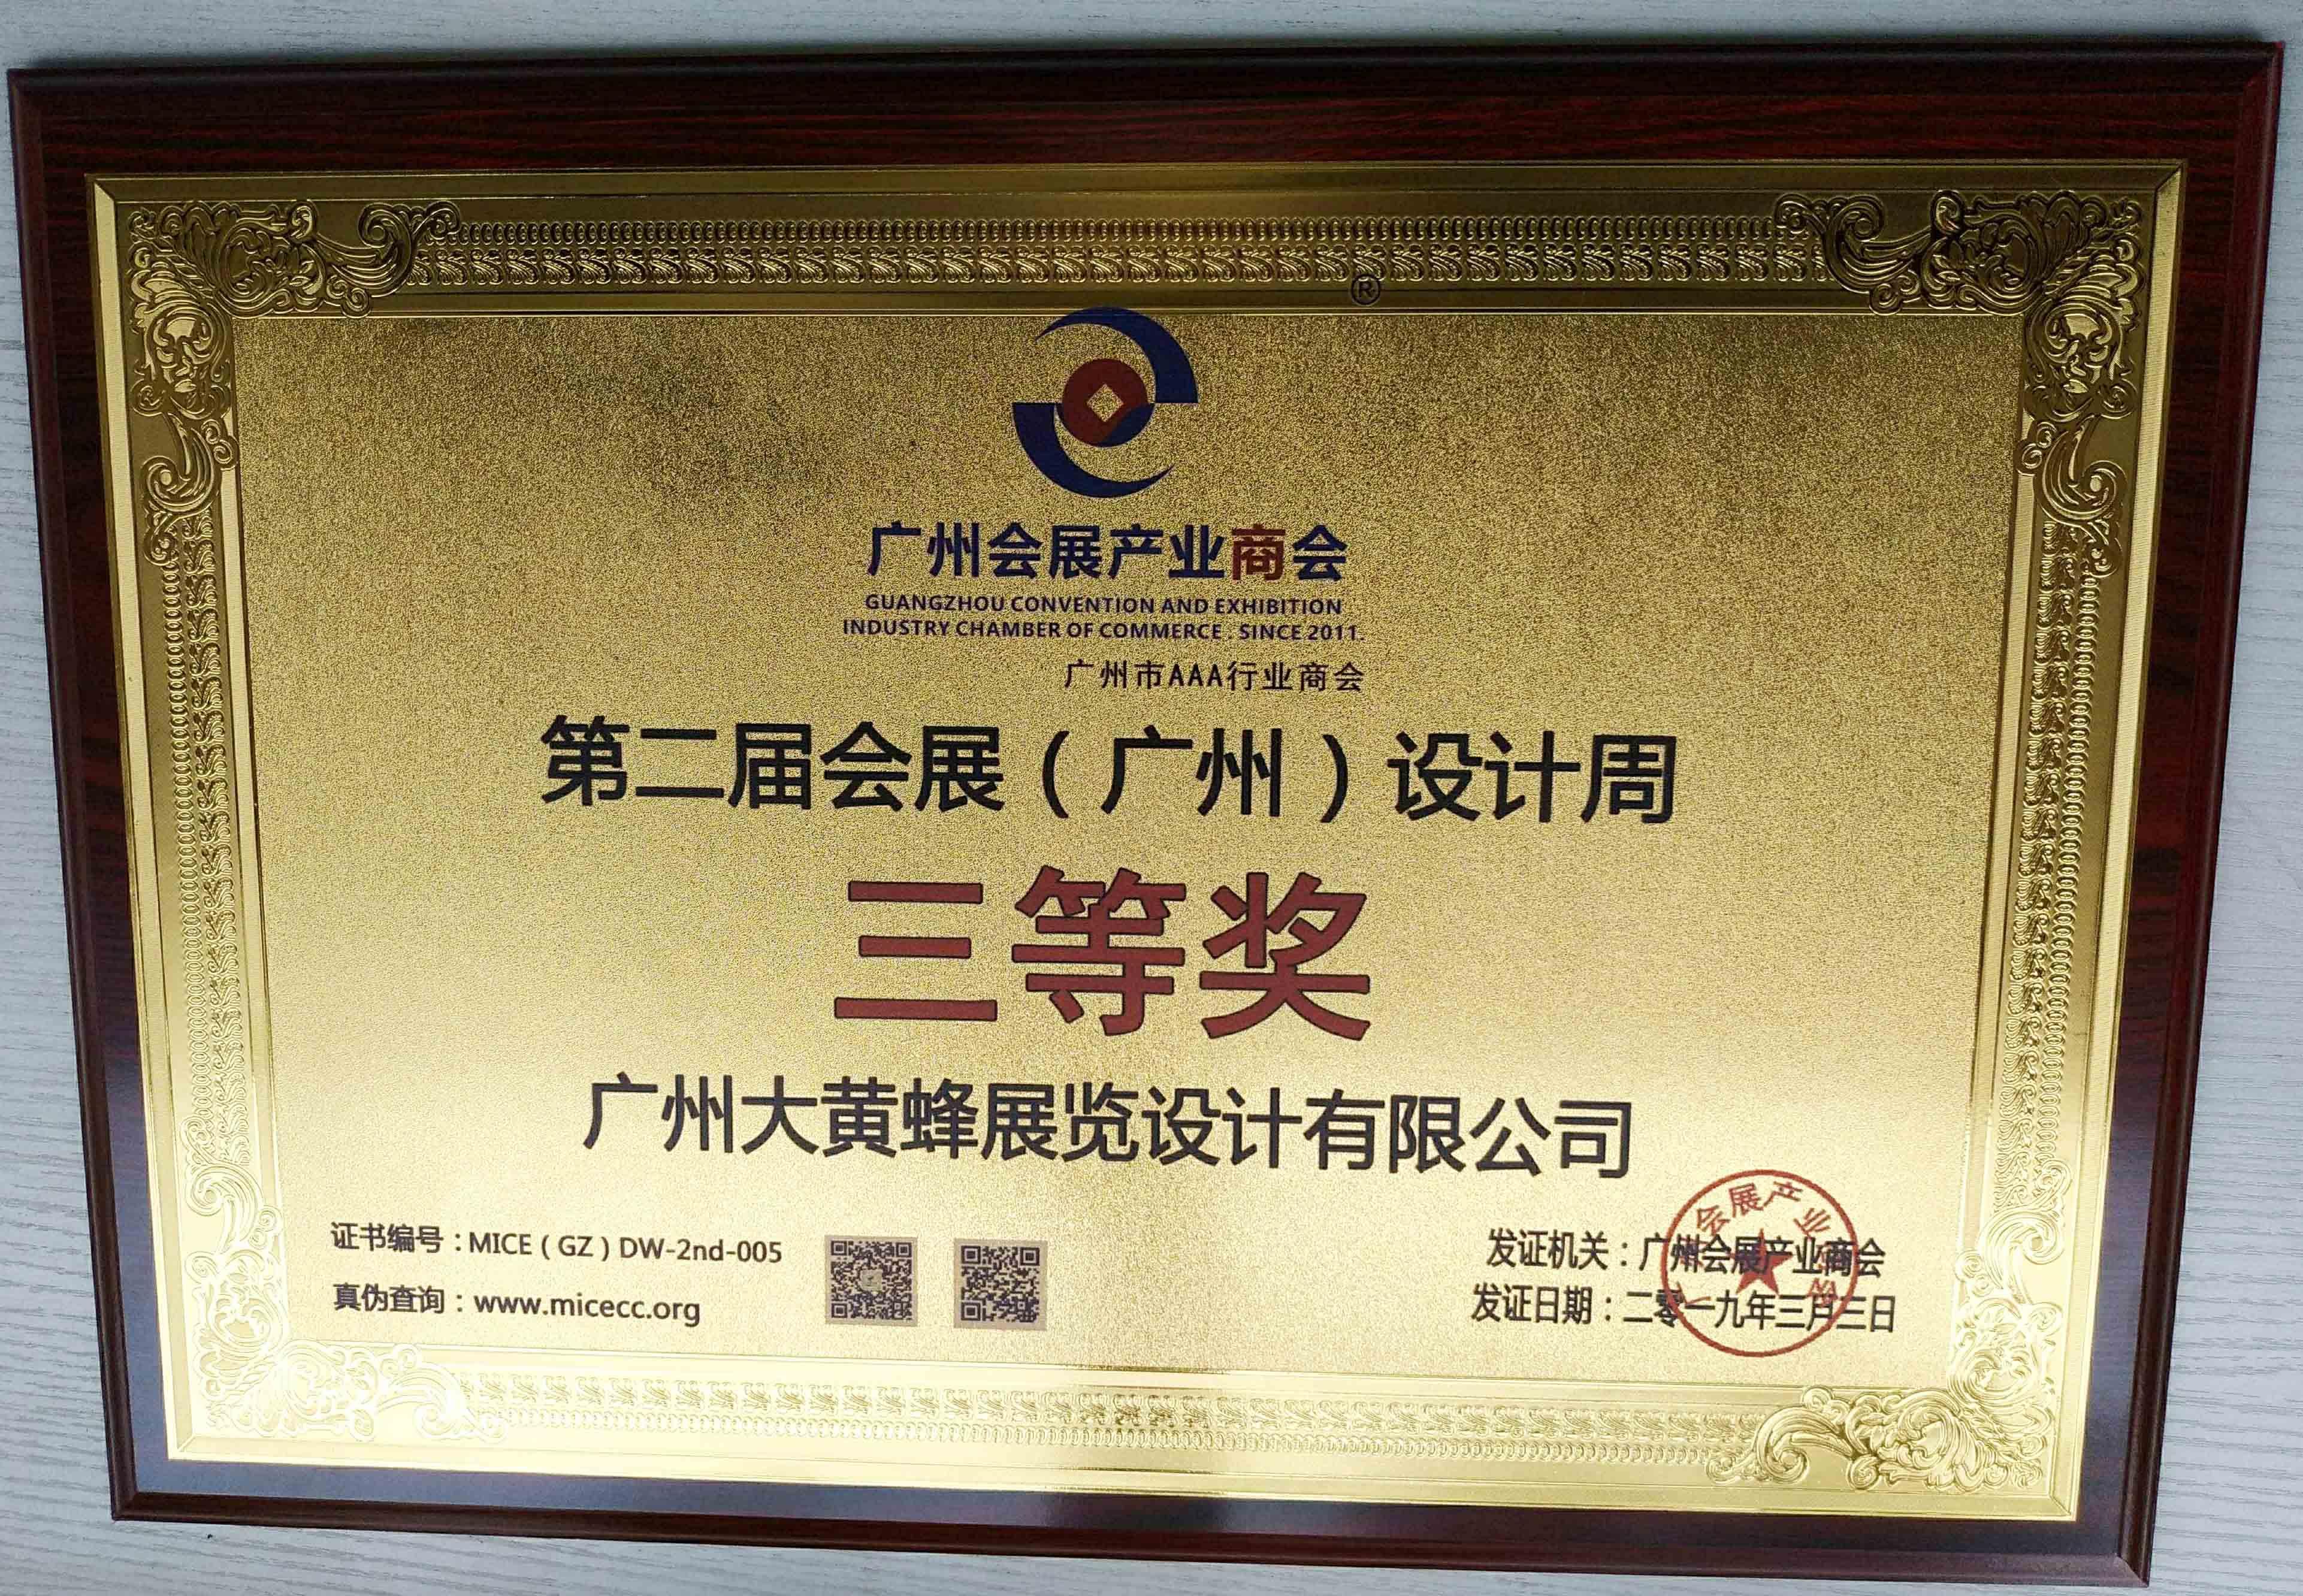 大黄蜂-第二届会展(广州设计周)三等奖